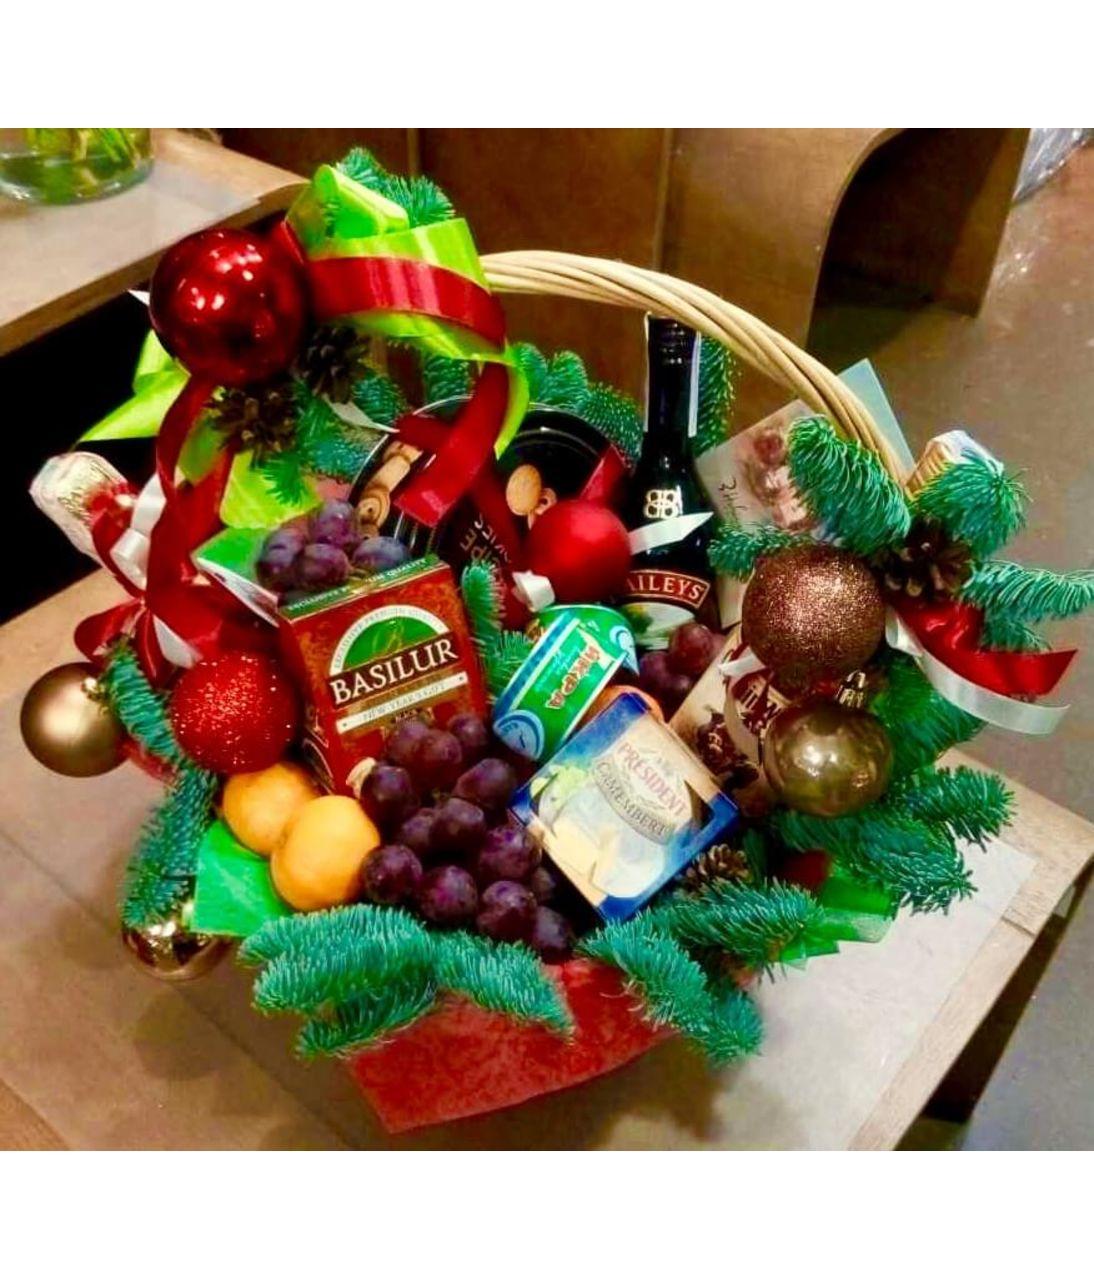 Подарочная корзина с фруктами на Новый Год. superflowers.com.ua. Купить фруктовую корзину к новому году